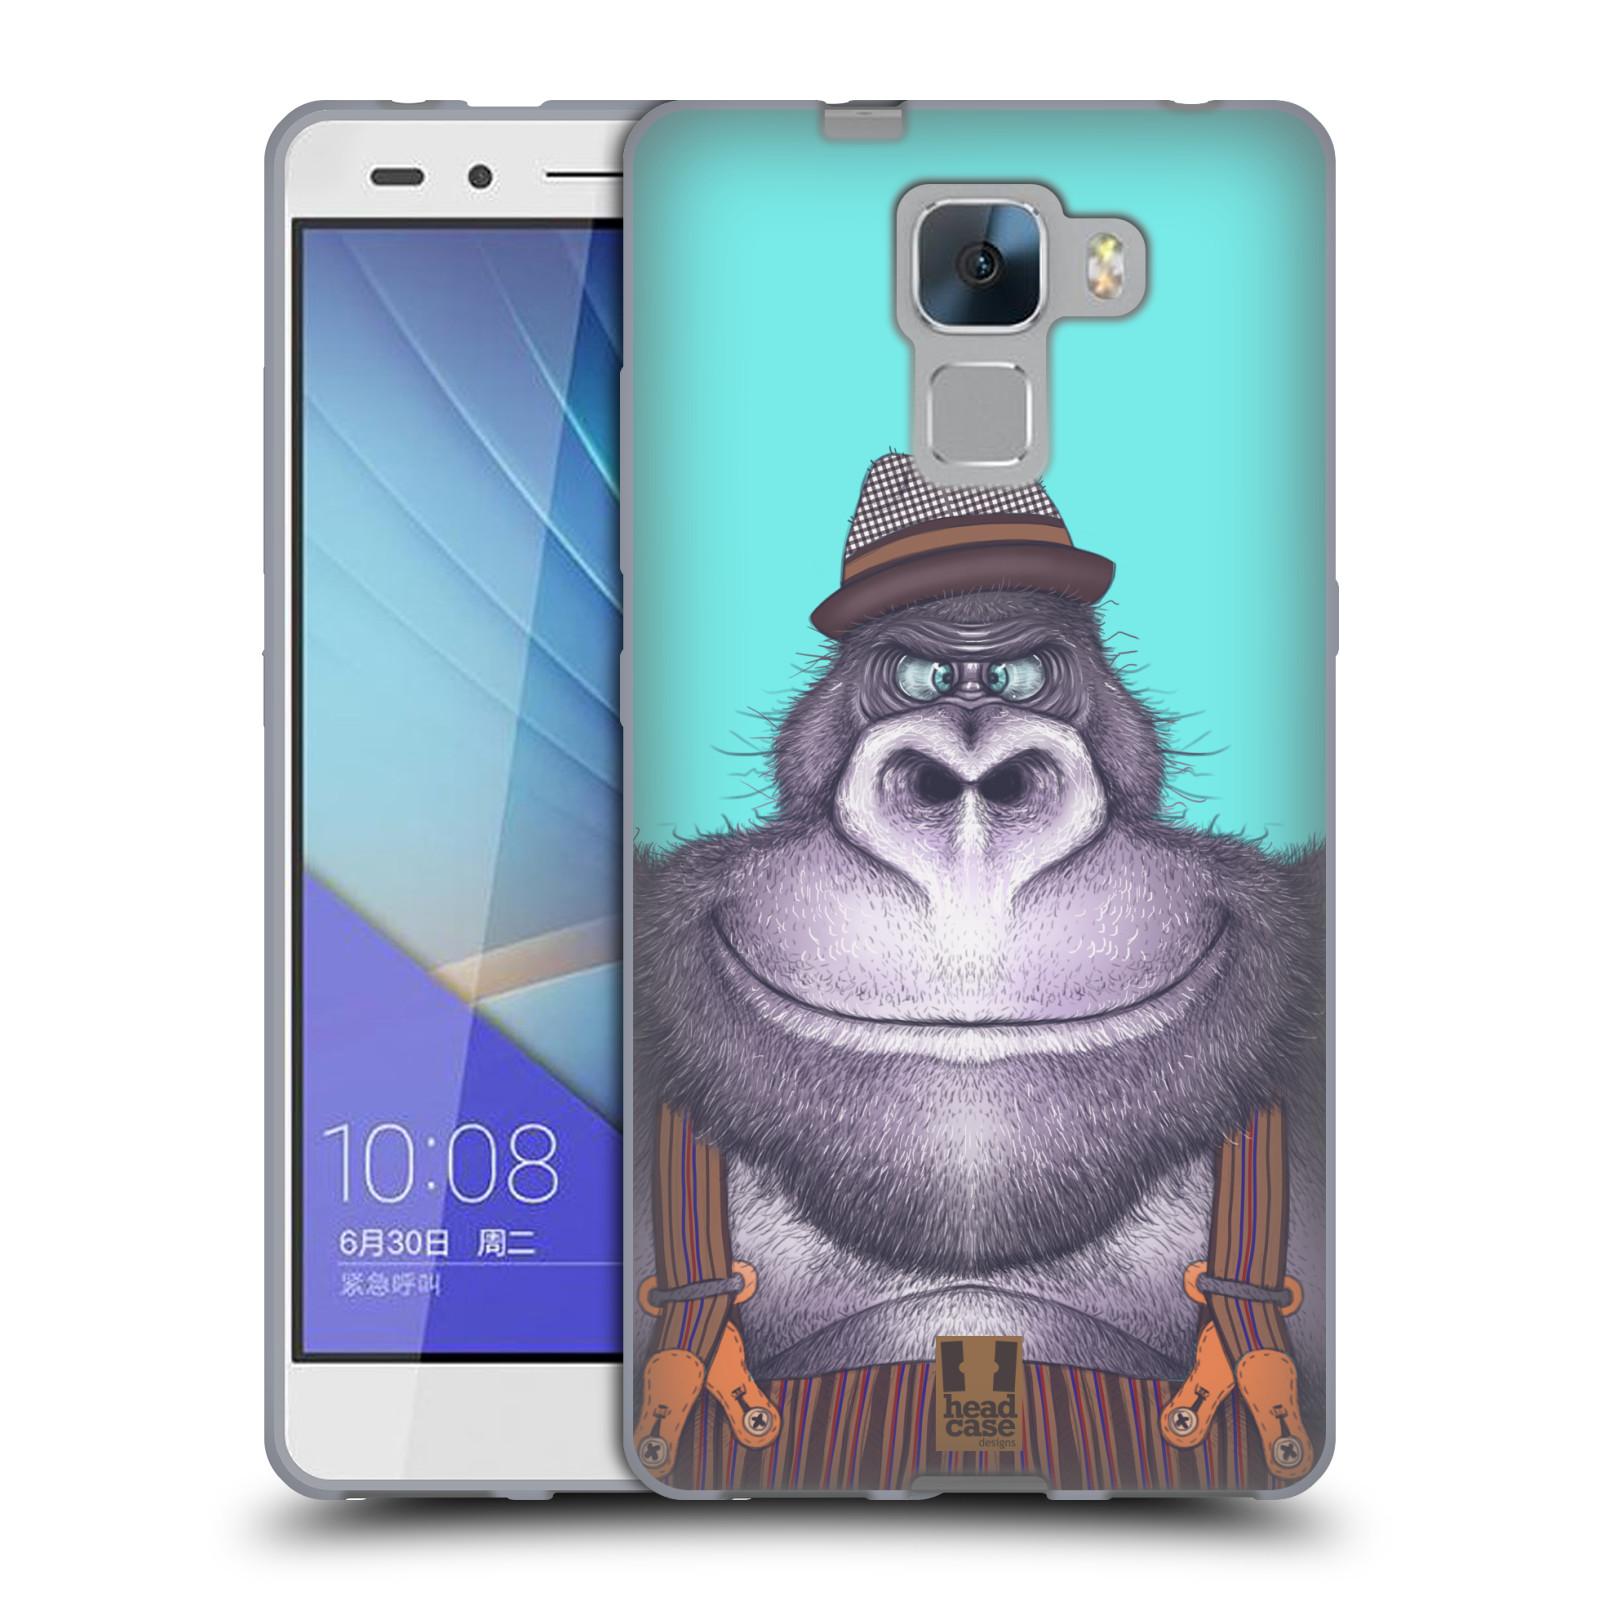 HEAD CASE silikonový obal na mobil HUAWEI HONOR 7 vzor Kreslená zvířátka gorila